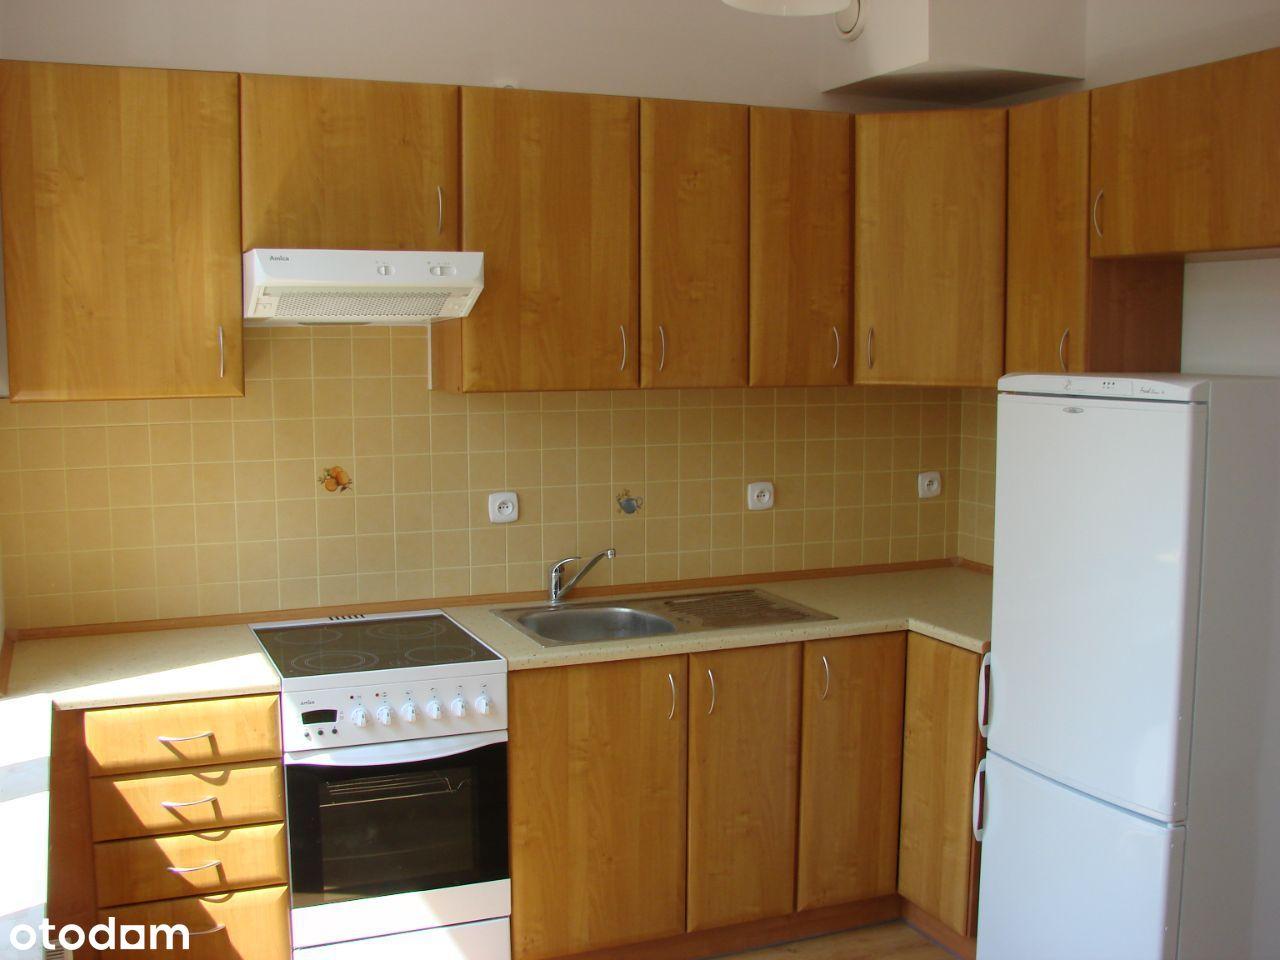 Mieszkania na wynajem Warszawa-Praga